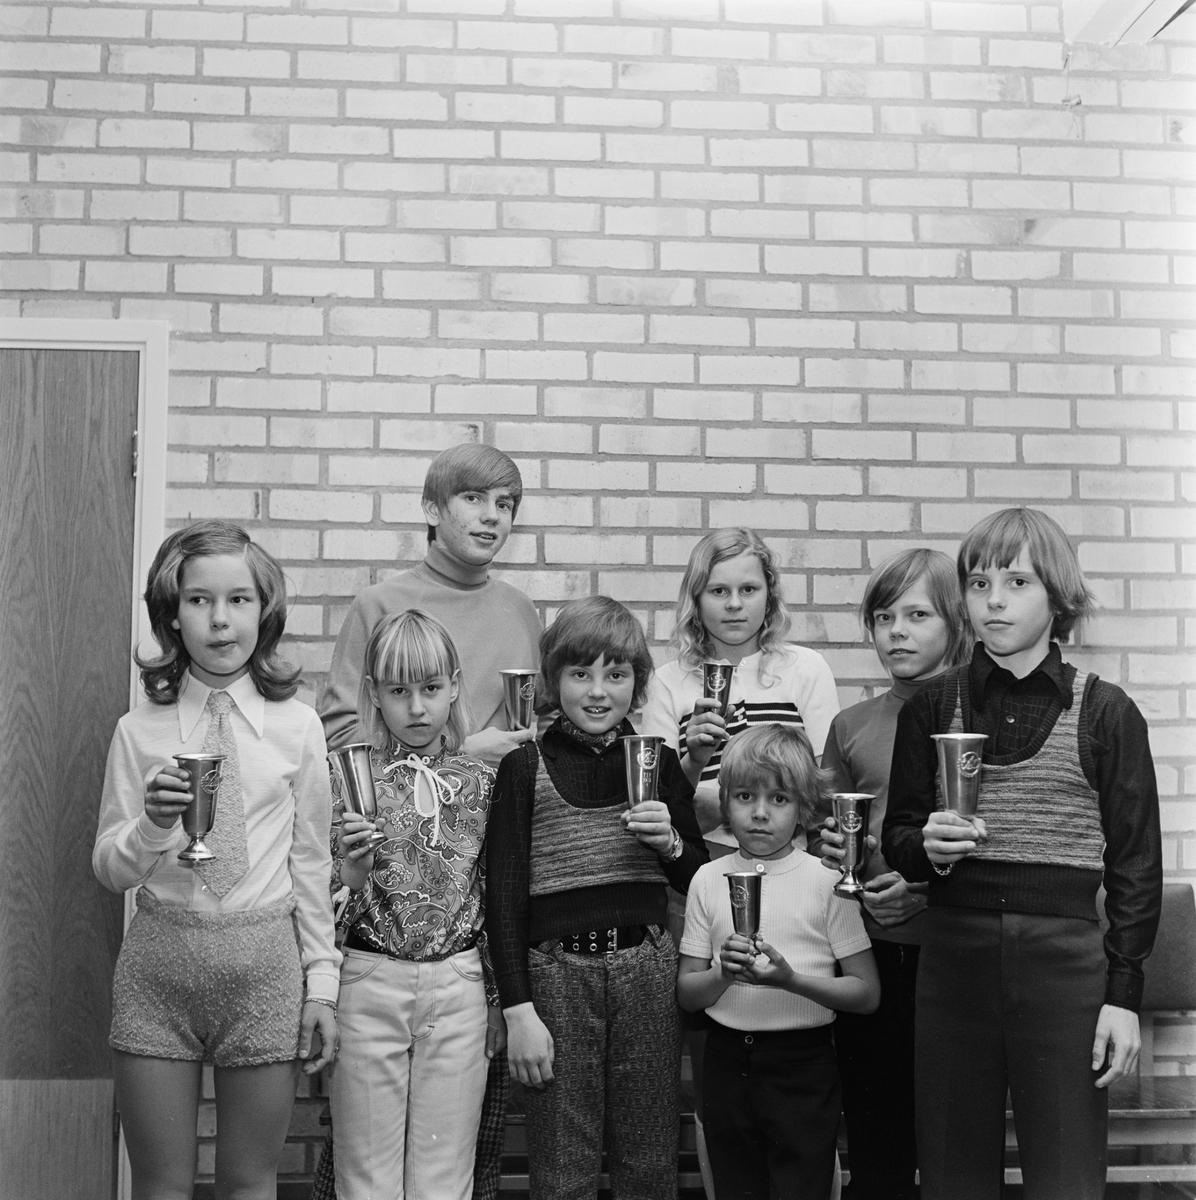 Avslutning för Tierps IF:s skidåkare, Uppland, april 1972